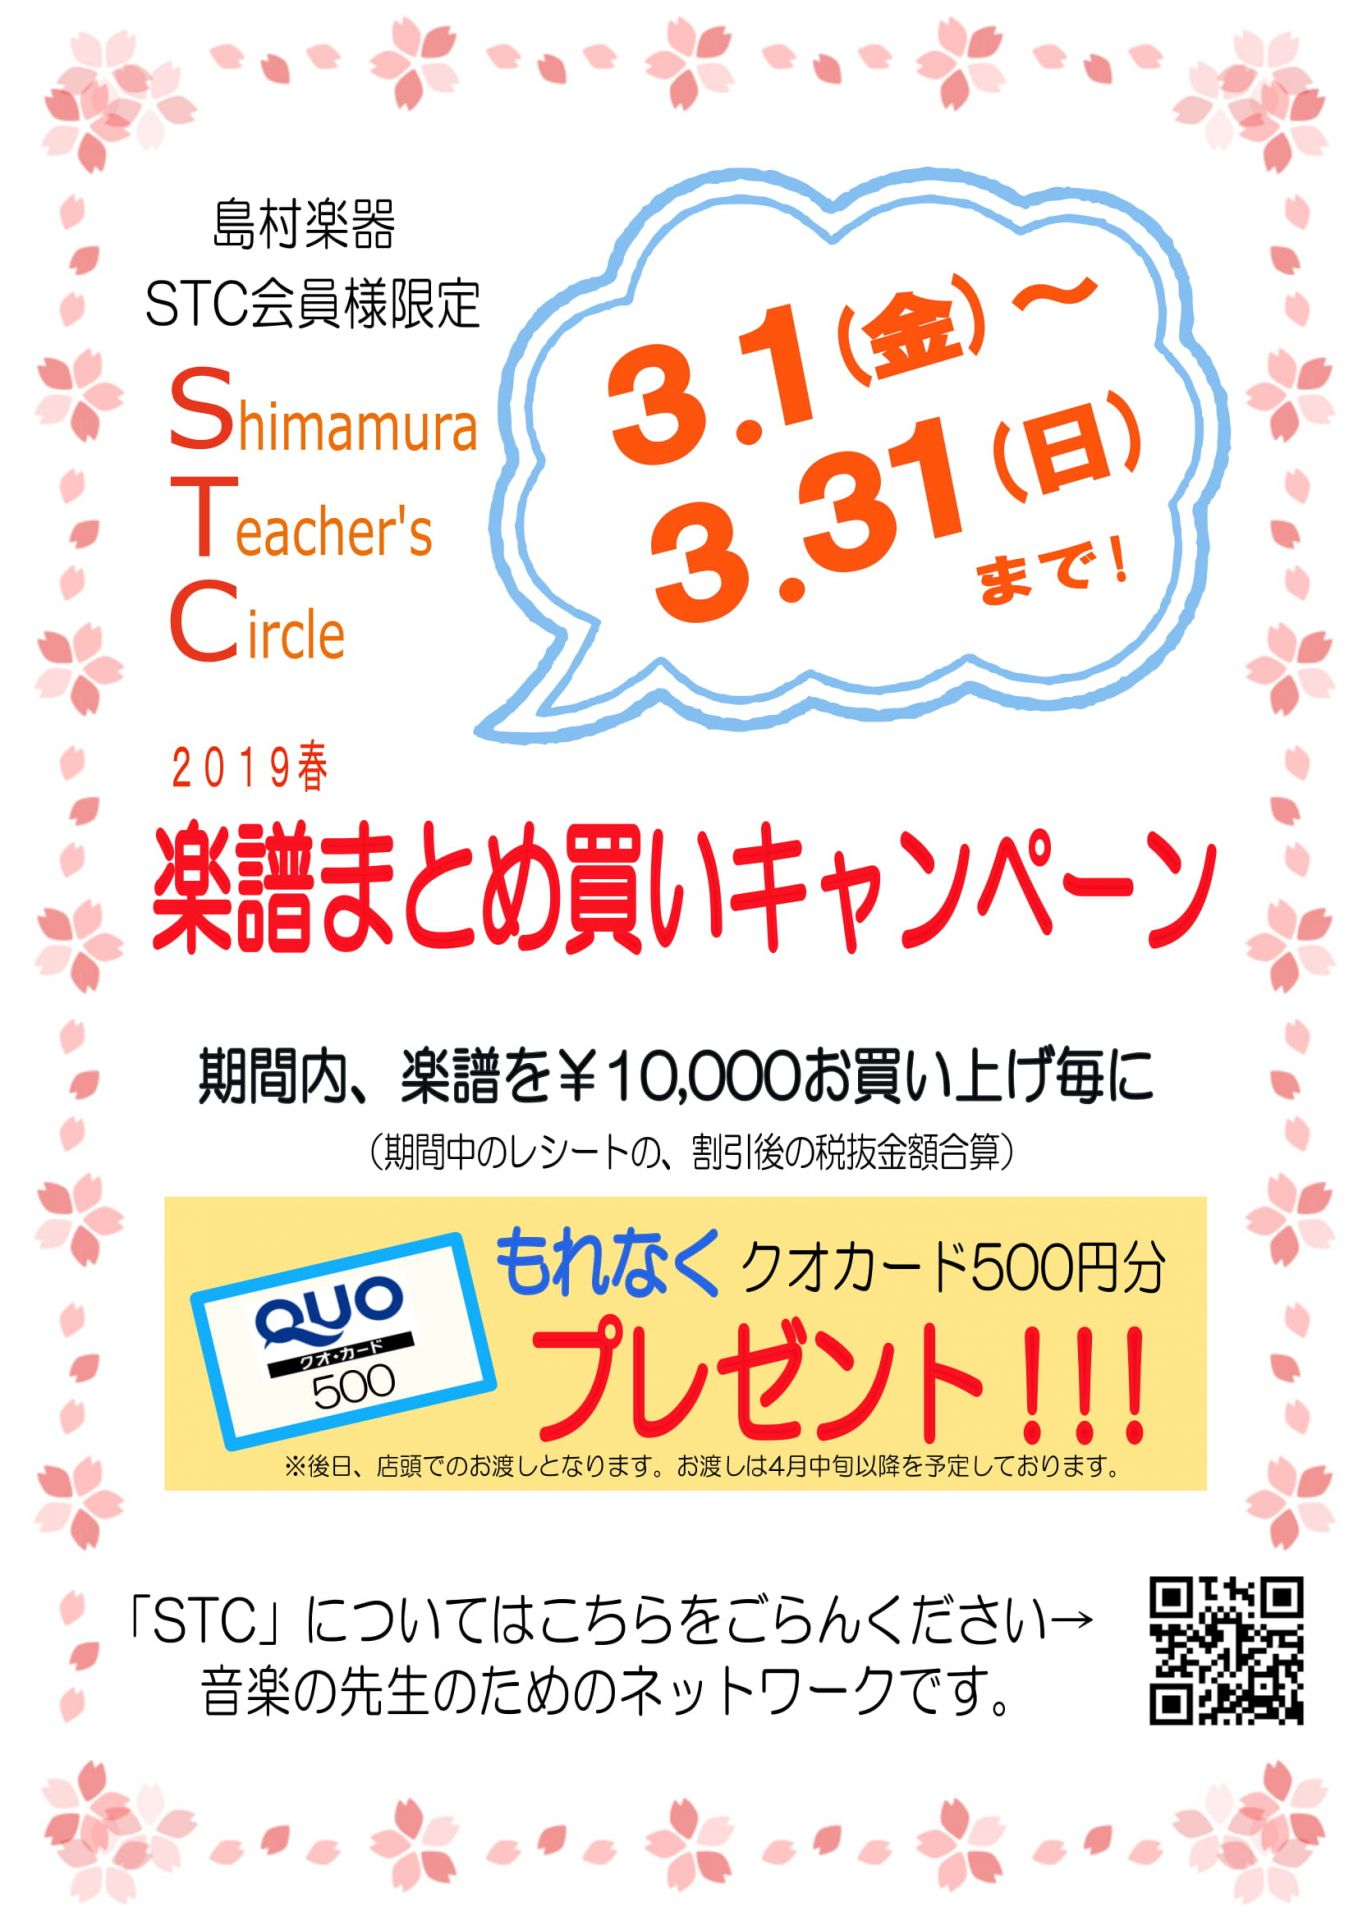 島村楽器イオンモール高崎店 まとめ買いキャンペーン 楽譜 STC QUOカード